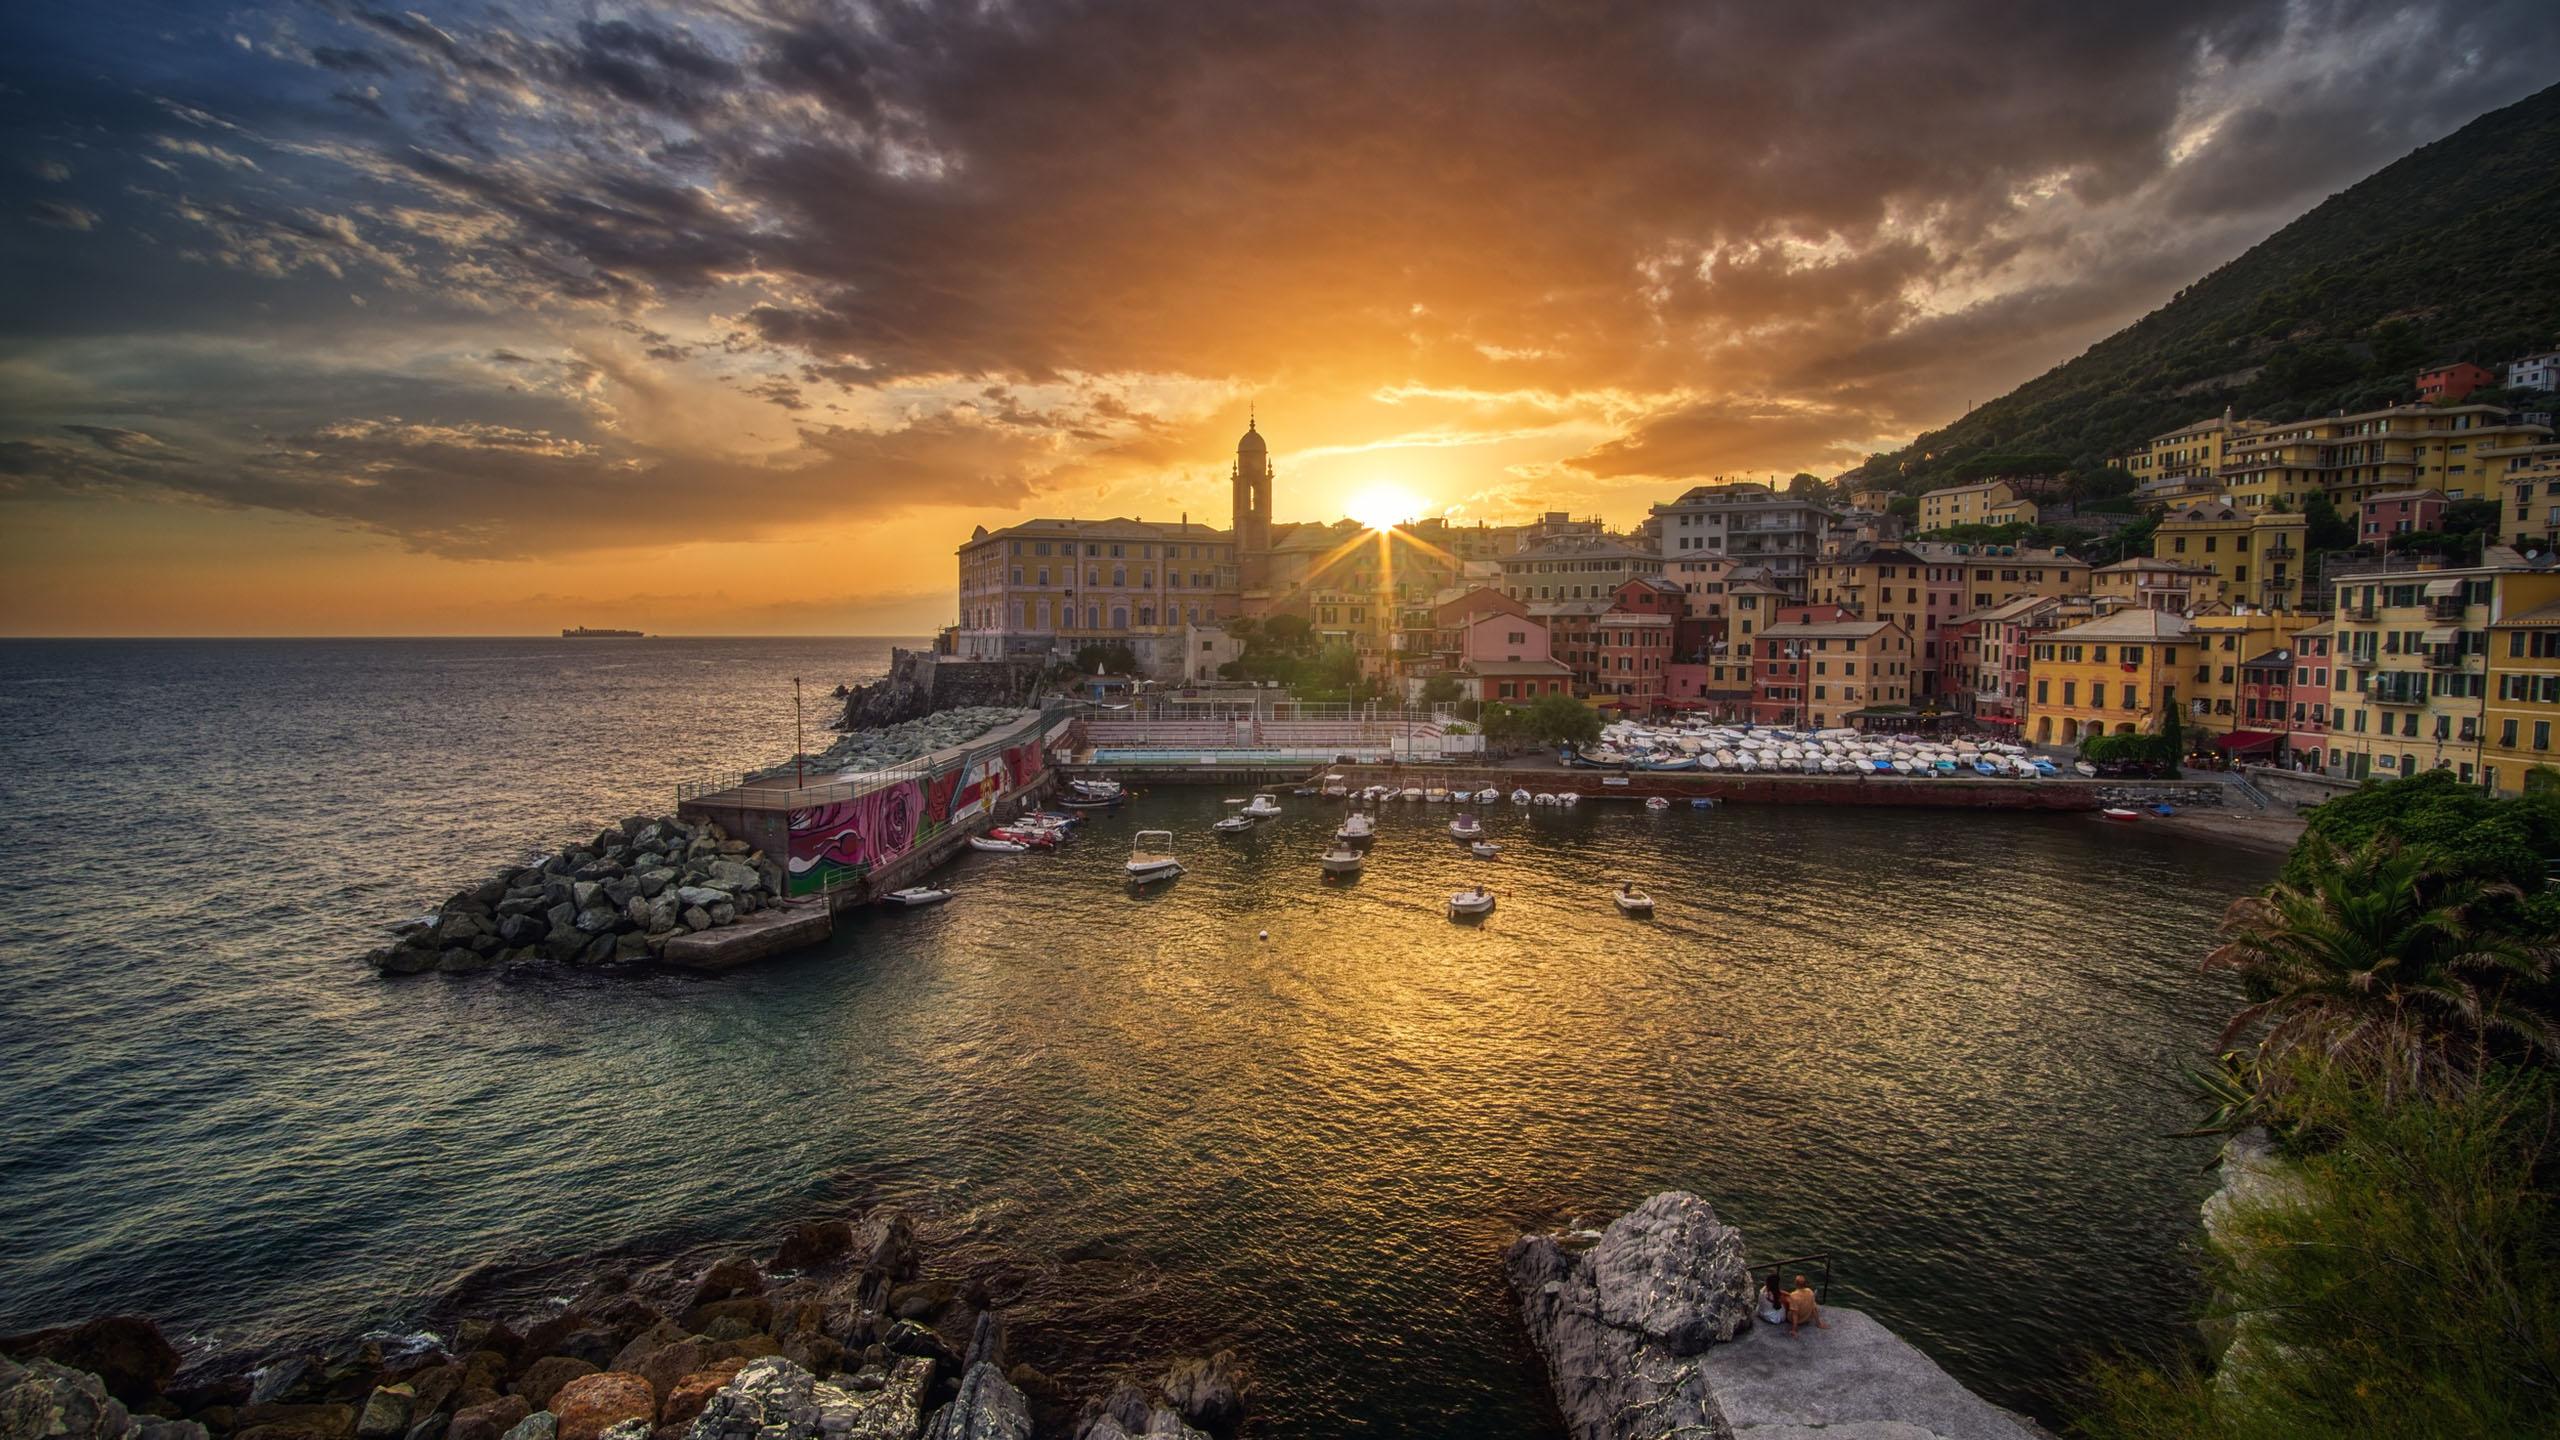 风景大片,海洋天堂,五渔村,日出,渔港,渔船,意大利